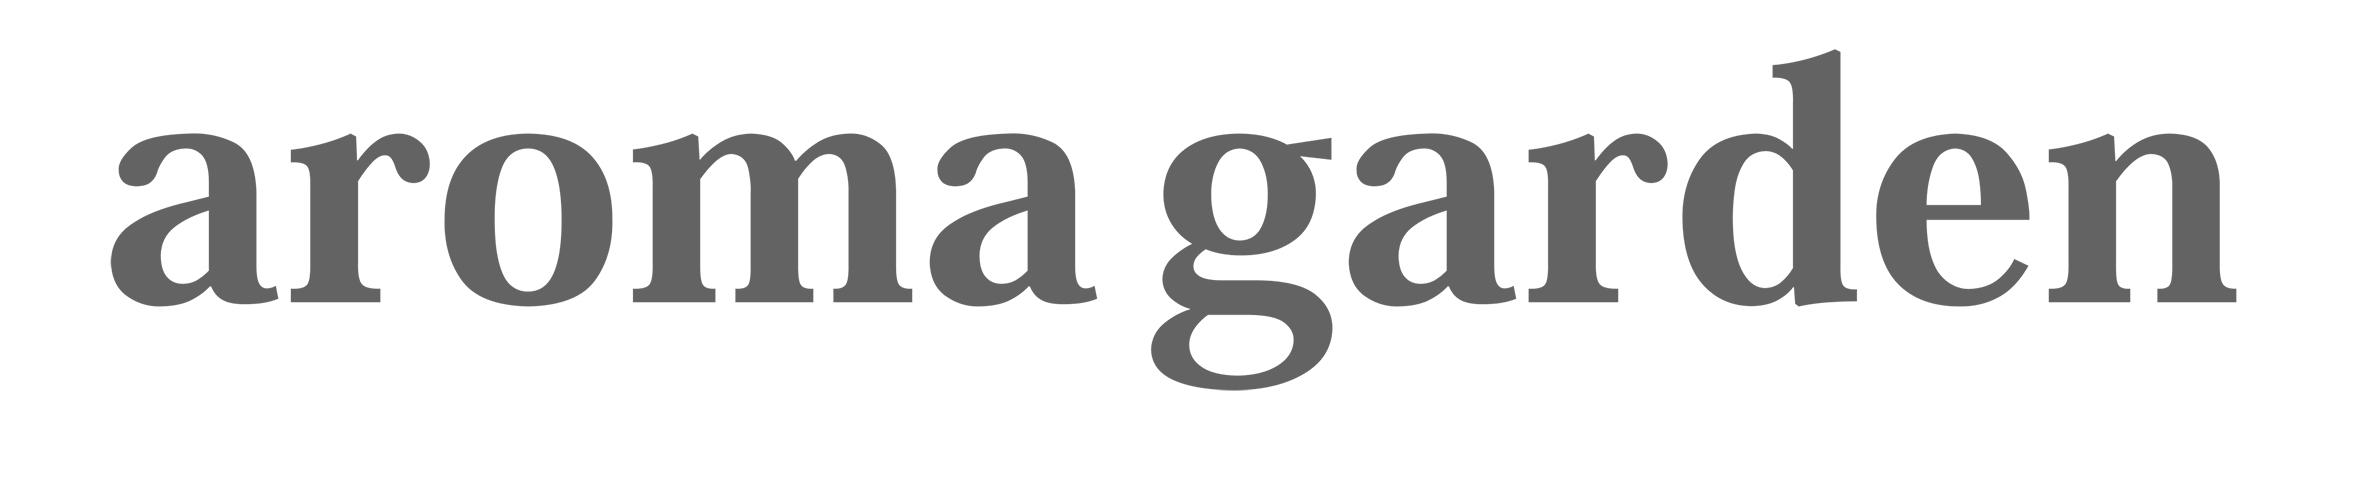 Aromagarden_Logo-High-Res